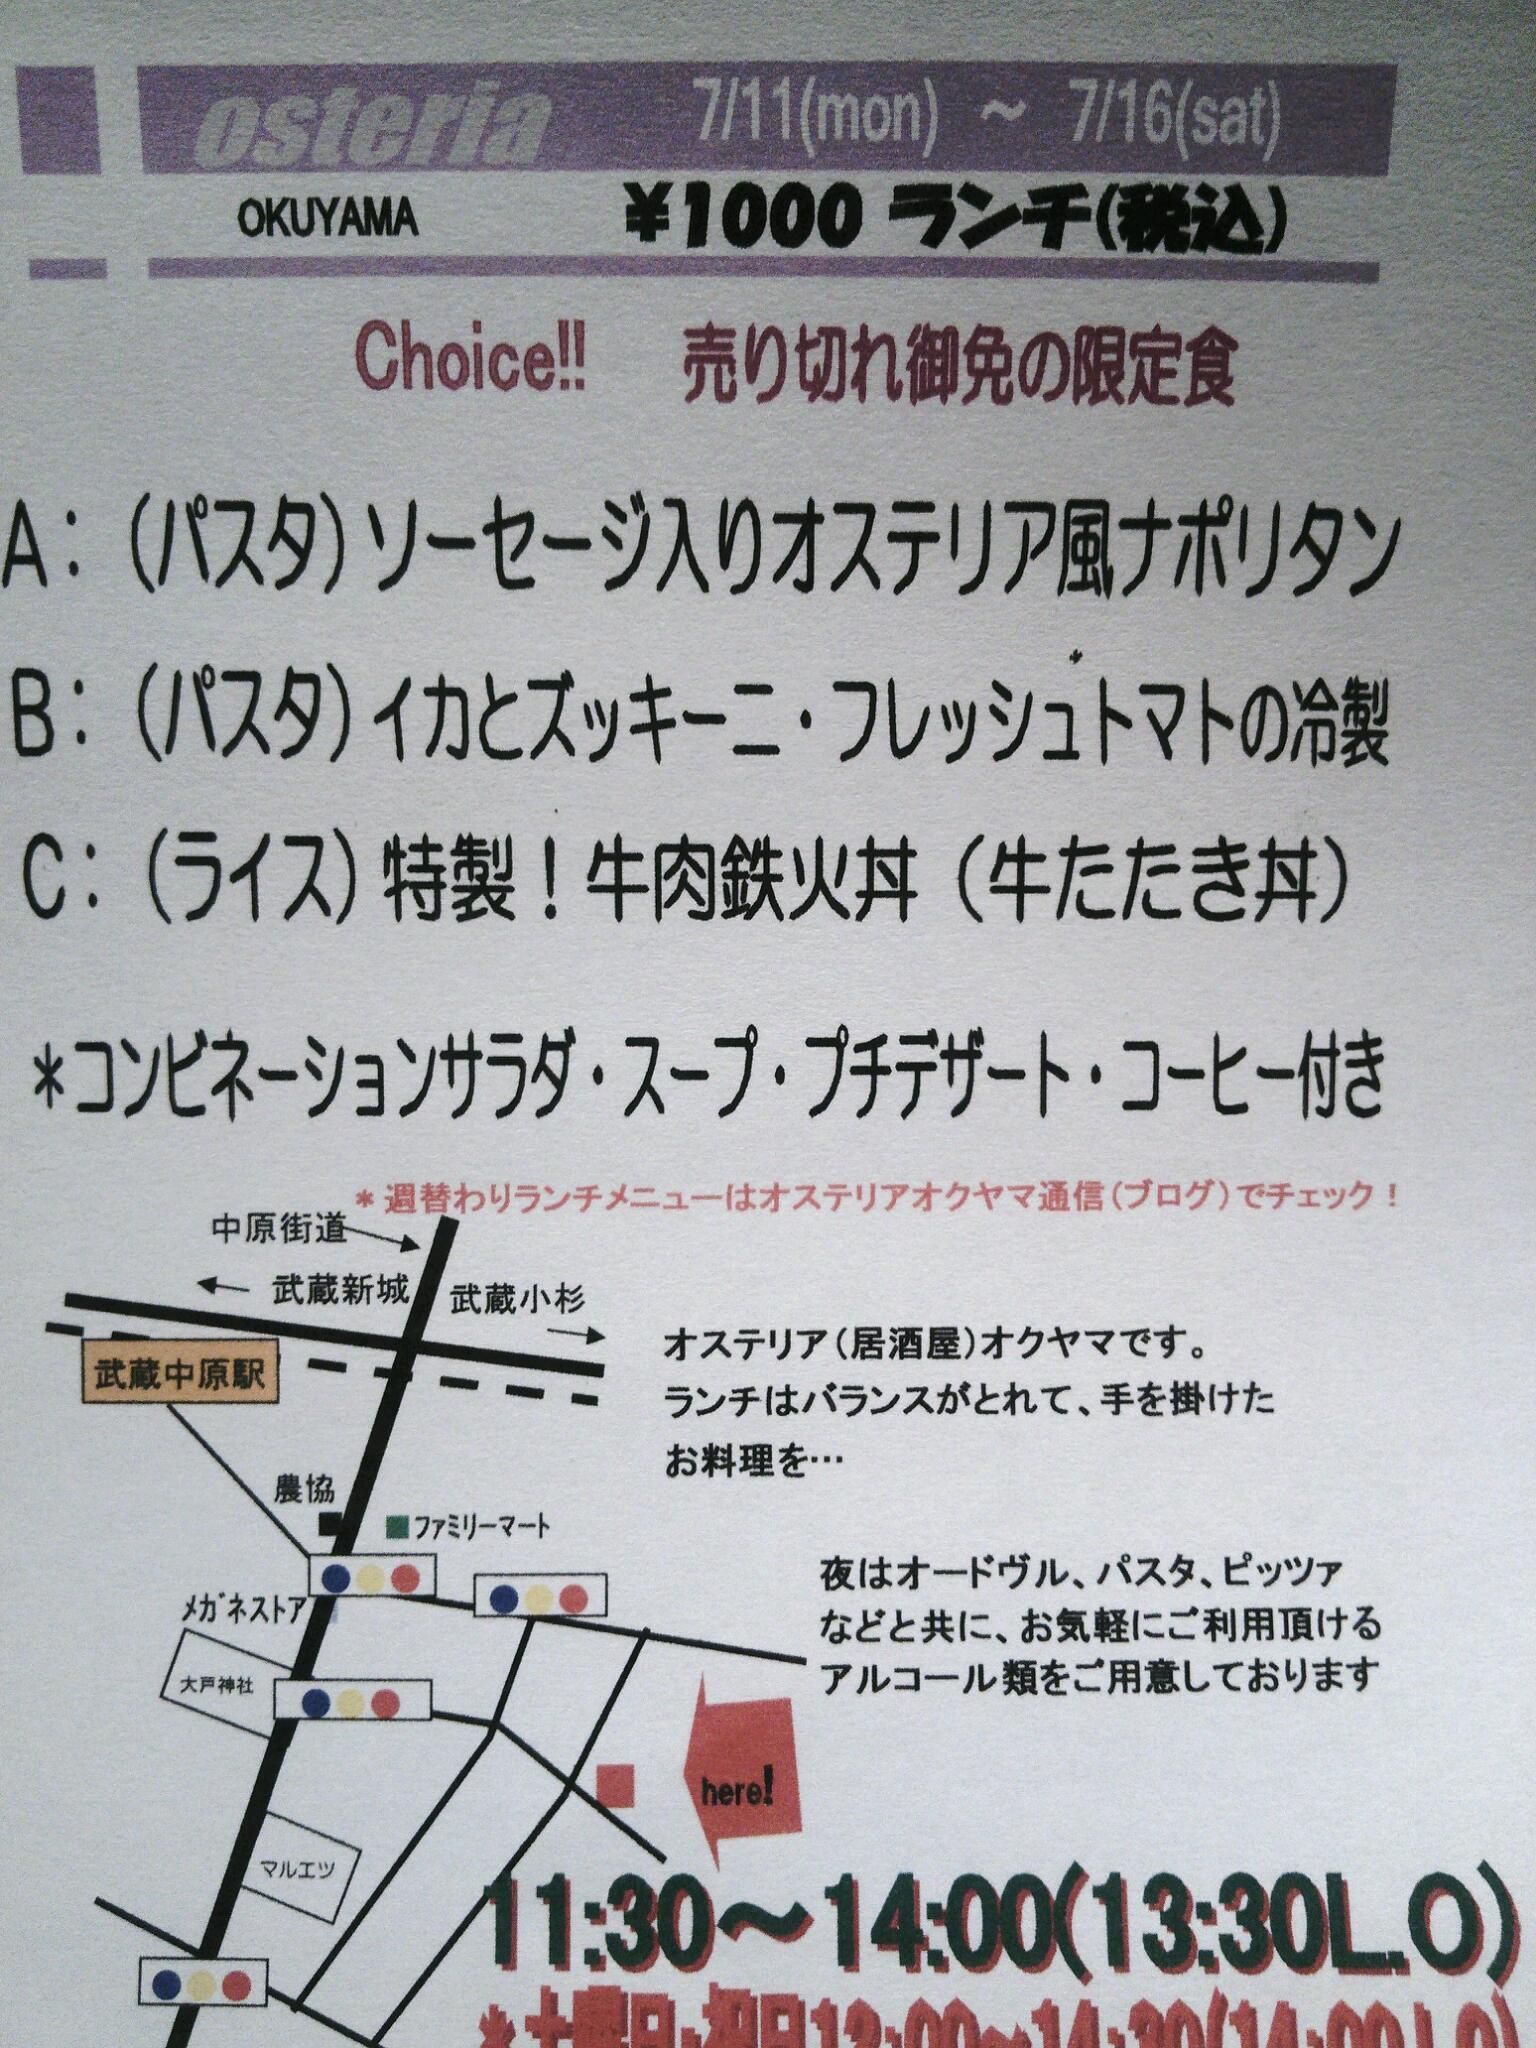 7/11(月)〜7/16(土)ランチ